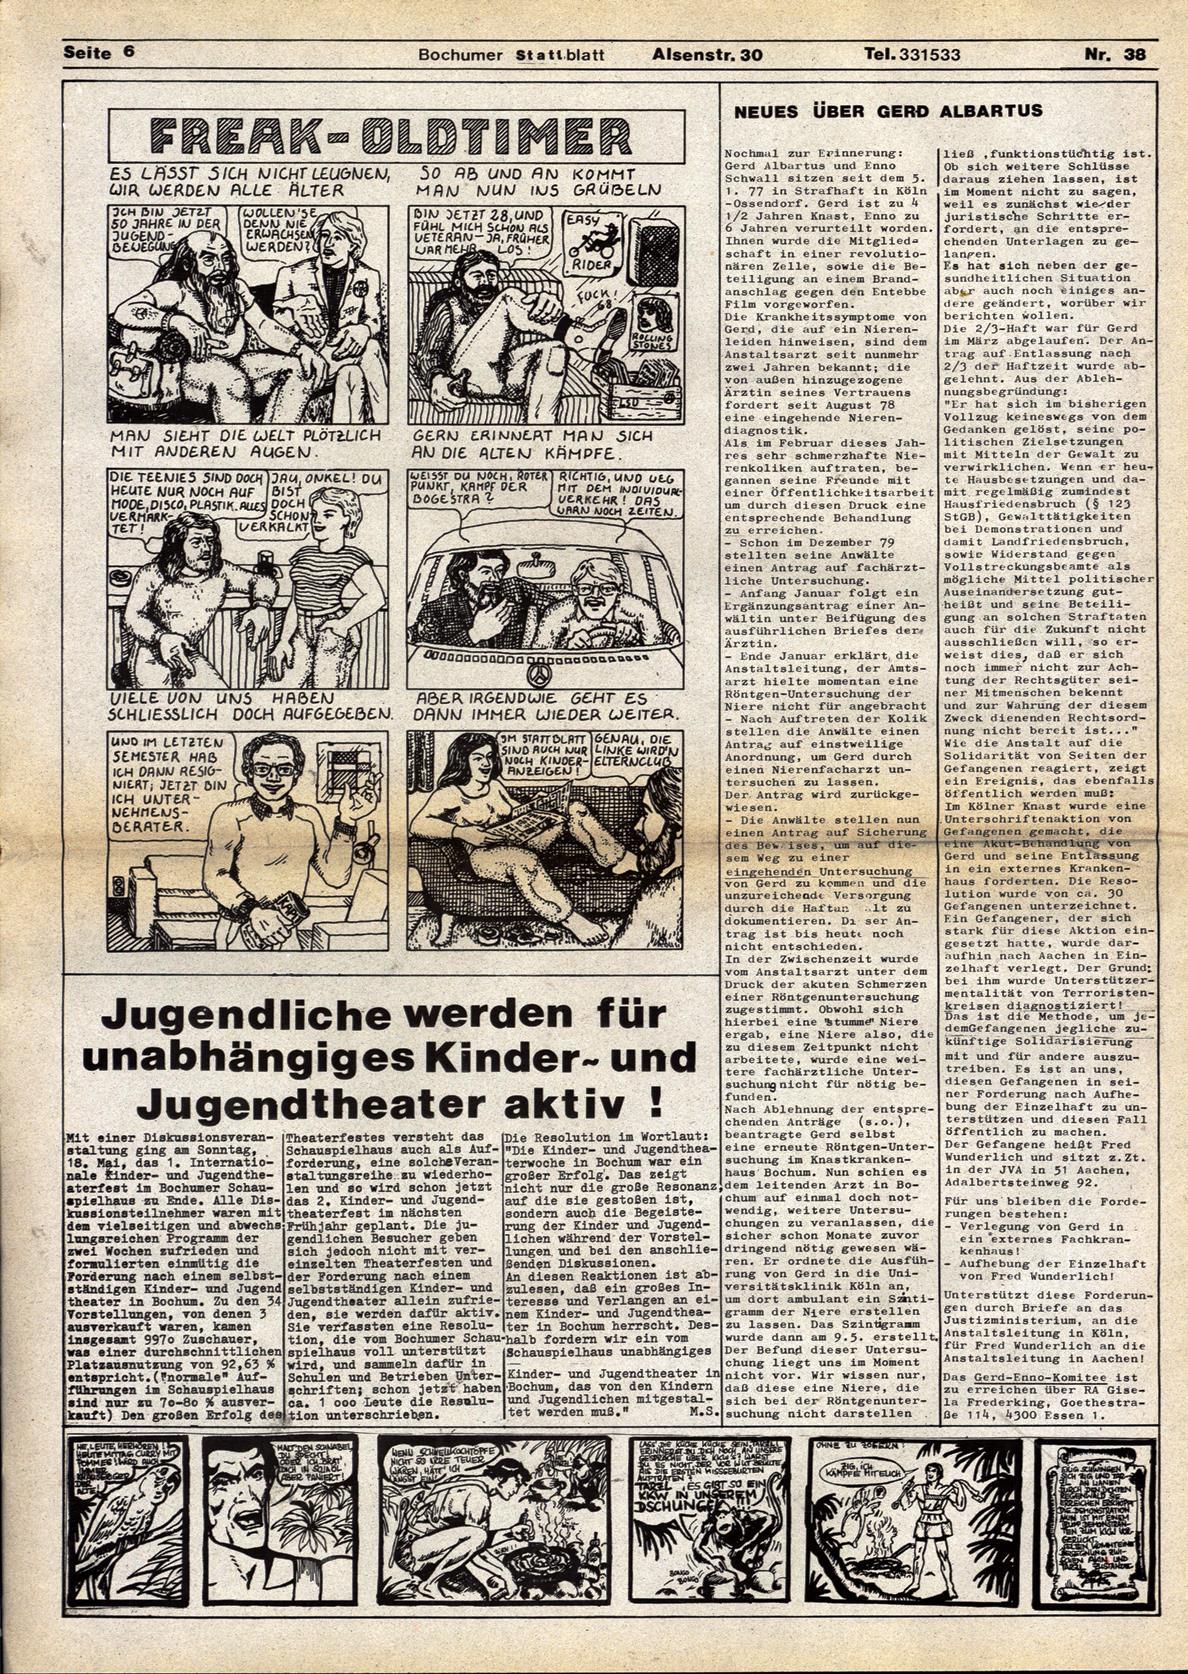 Bochum_Stattblatt_19800600_38_06